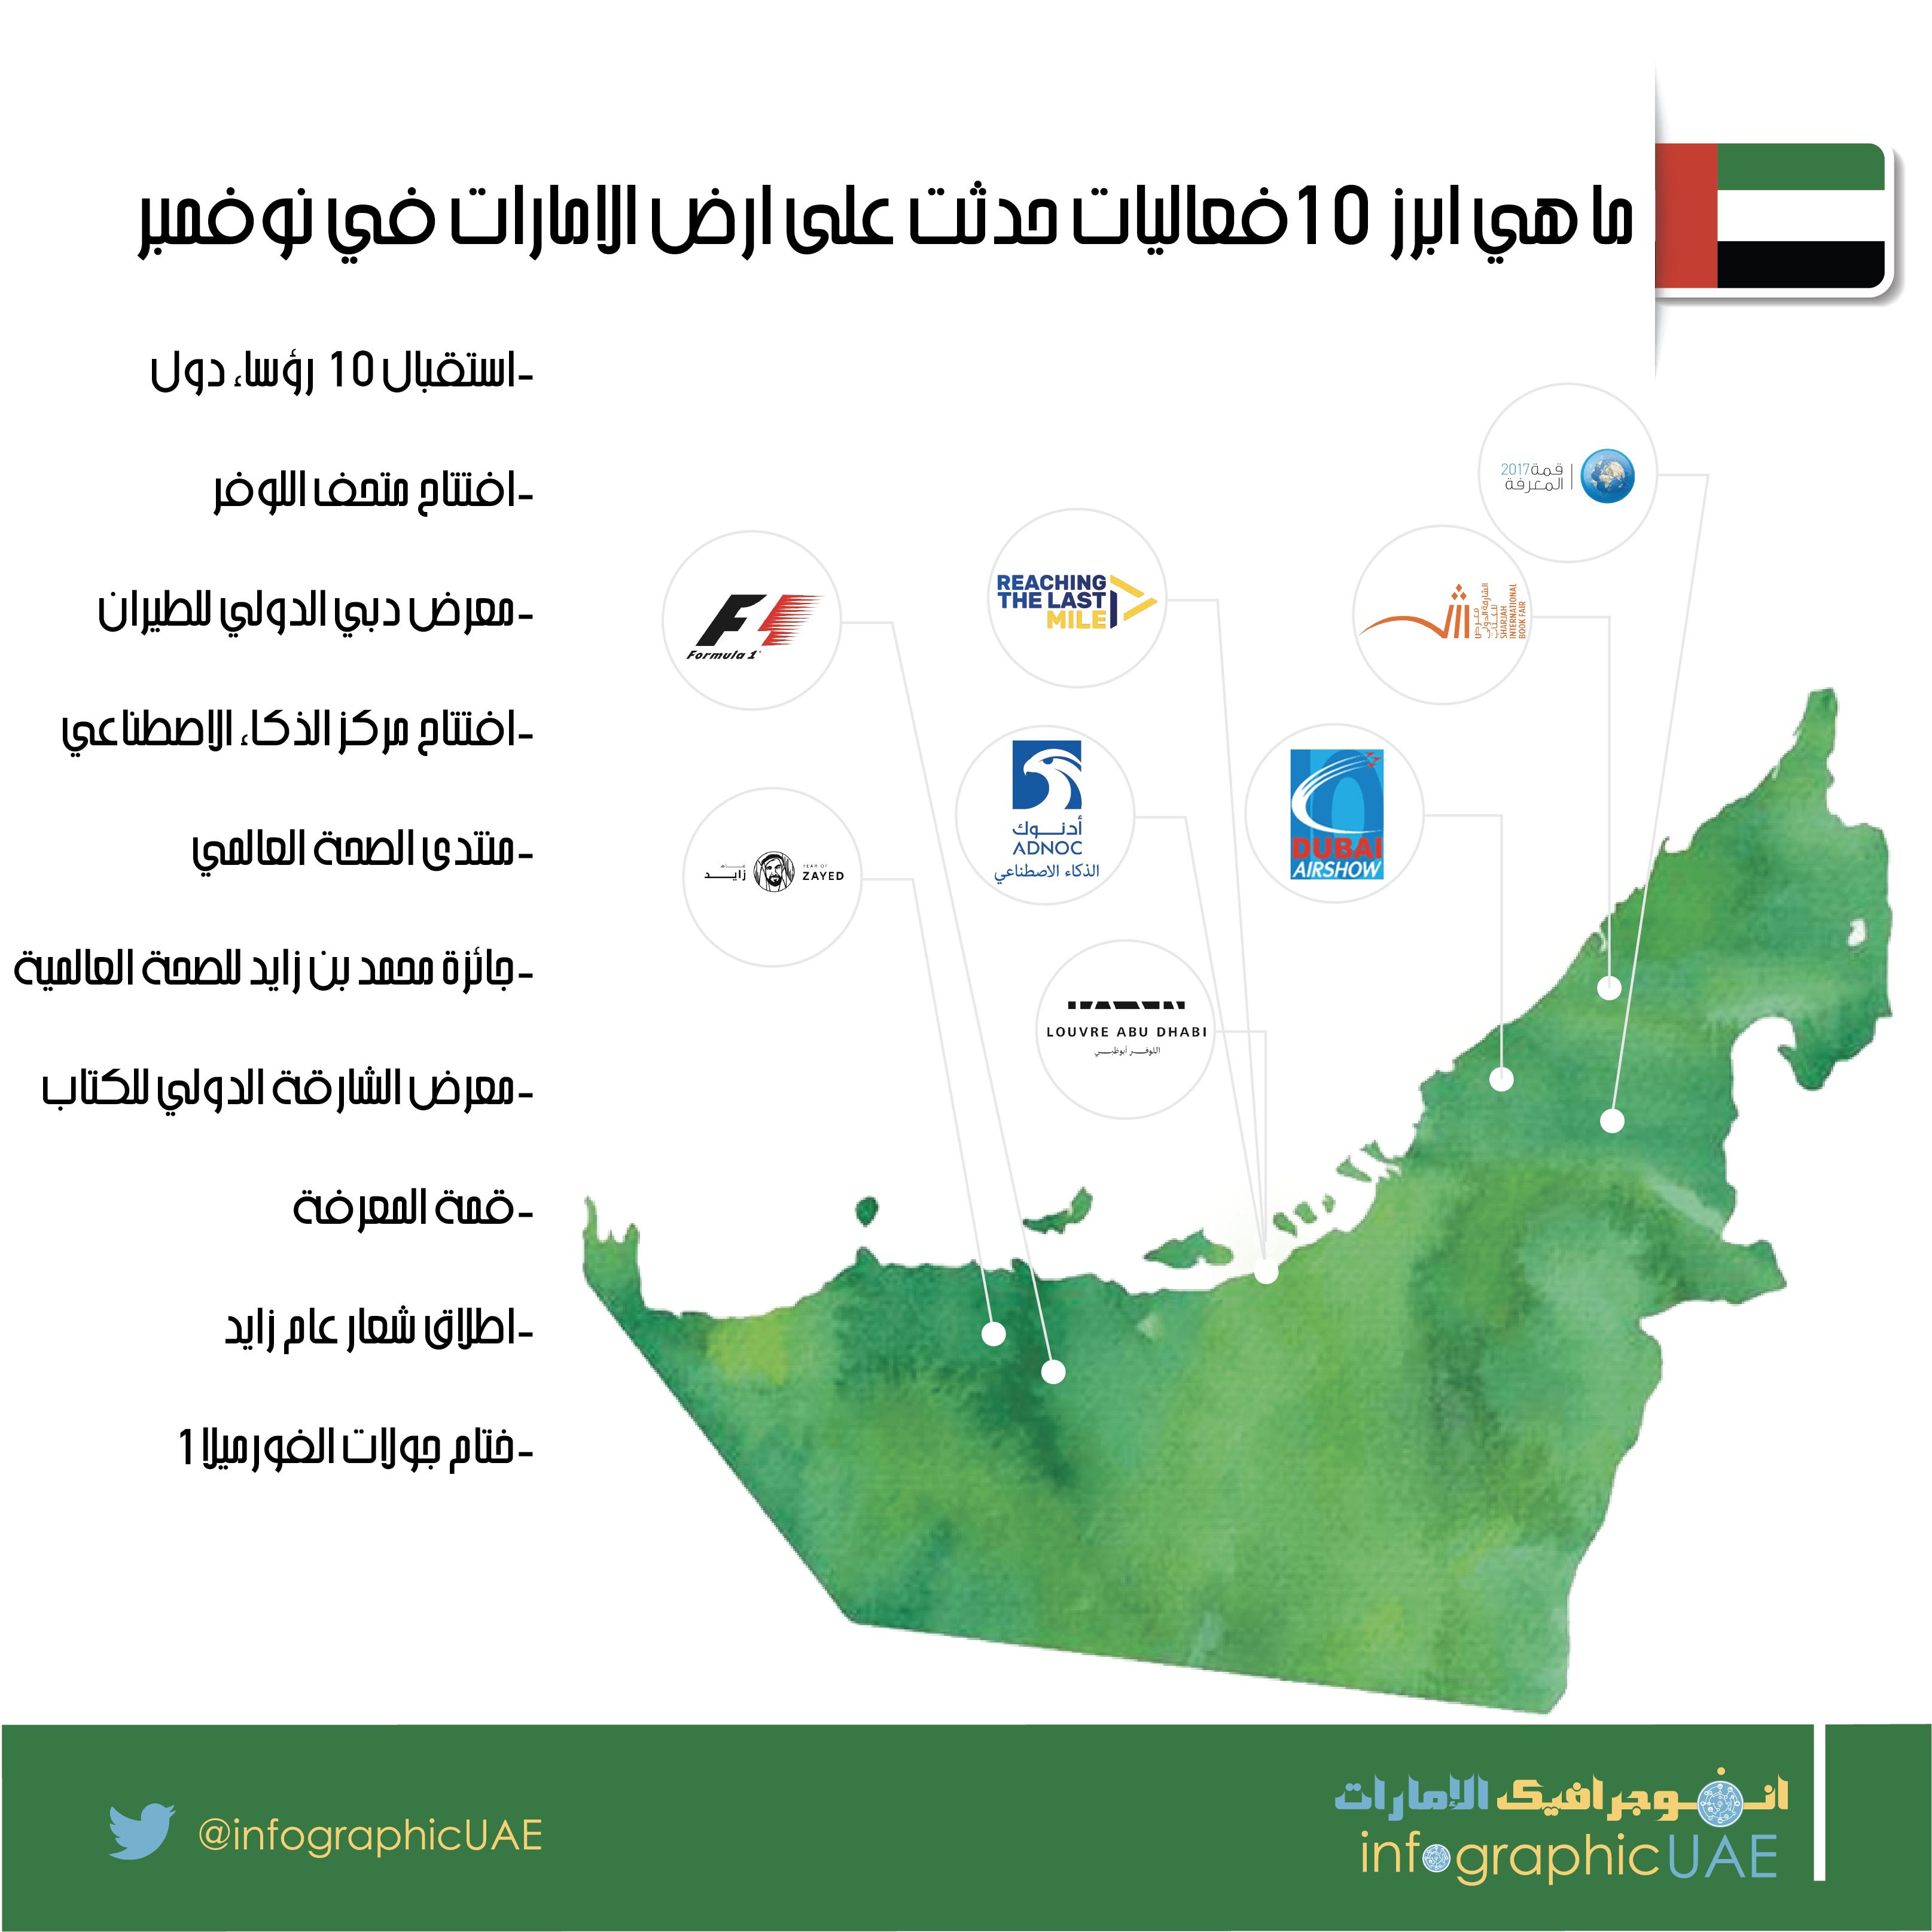 ماهي ابرز ١٠ فعاليات حدثت على أرض الامارات في ٢٠١٧ الامارات انفوجرافيكـالامارات Air Show Map Screenshot Wwl